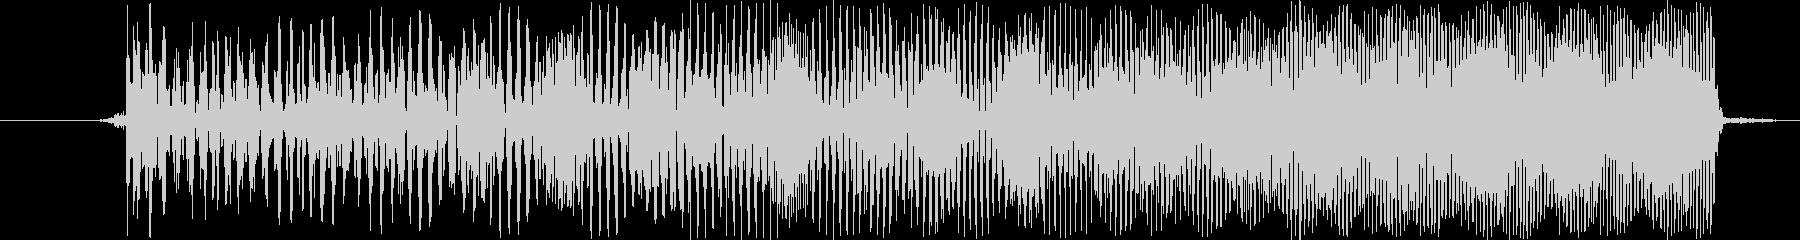 【ビー/ピュー/ビーム/サイバー武器】の未再生の波形